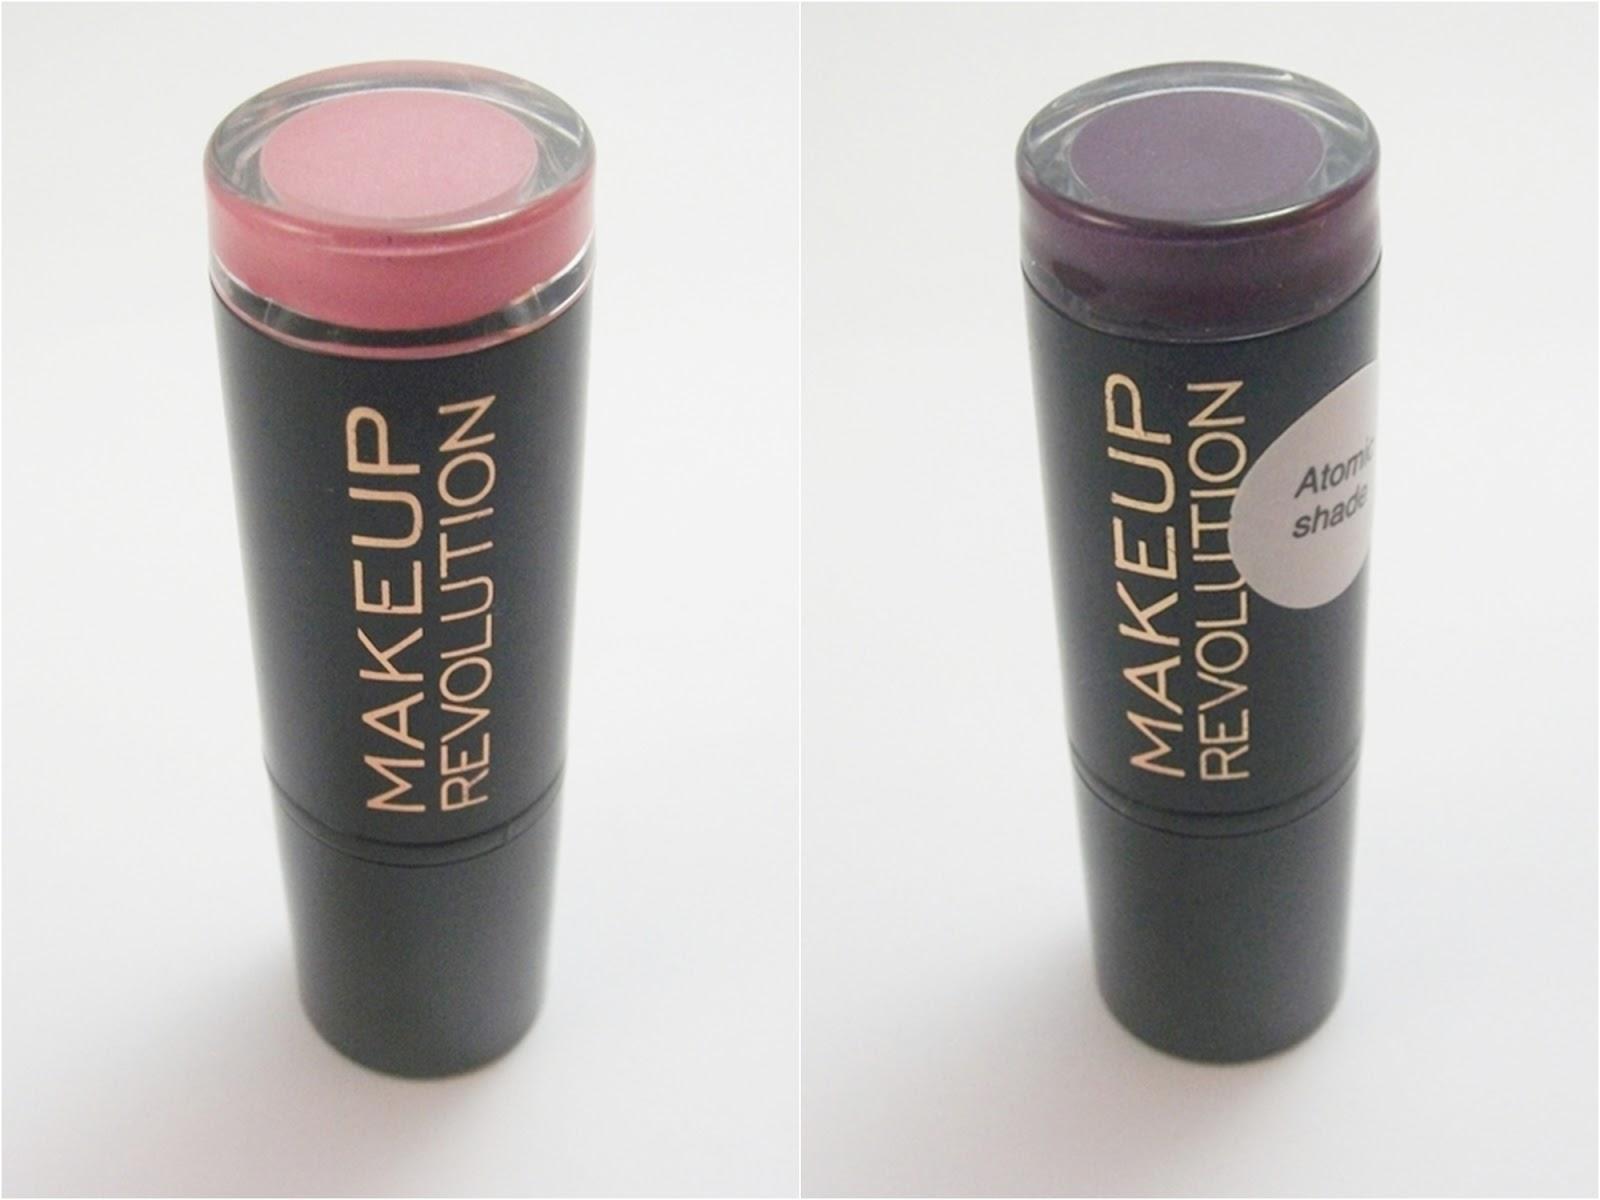 Makeup Revolution Dusky, da linha Amazing Lipstick e Make It Right, da linha Atomic Shade